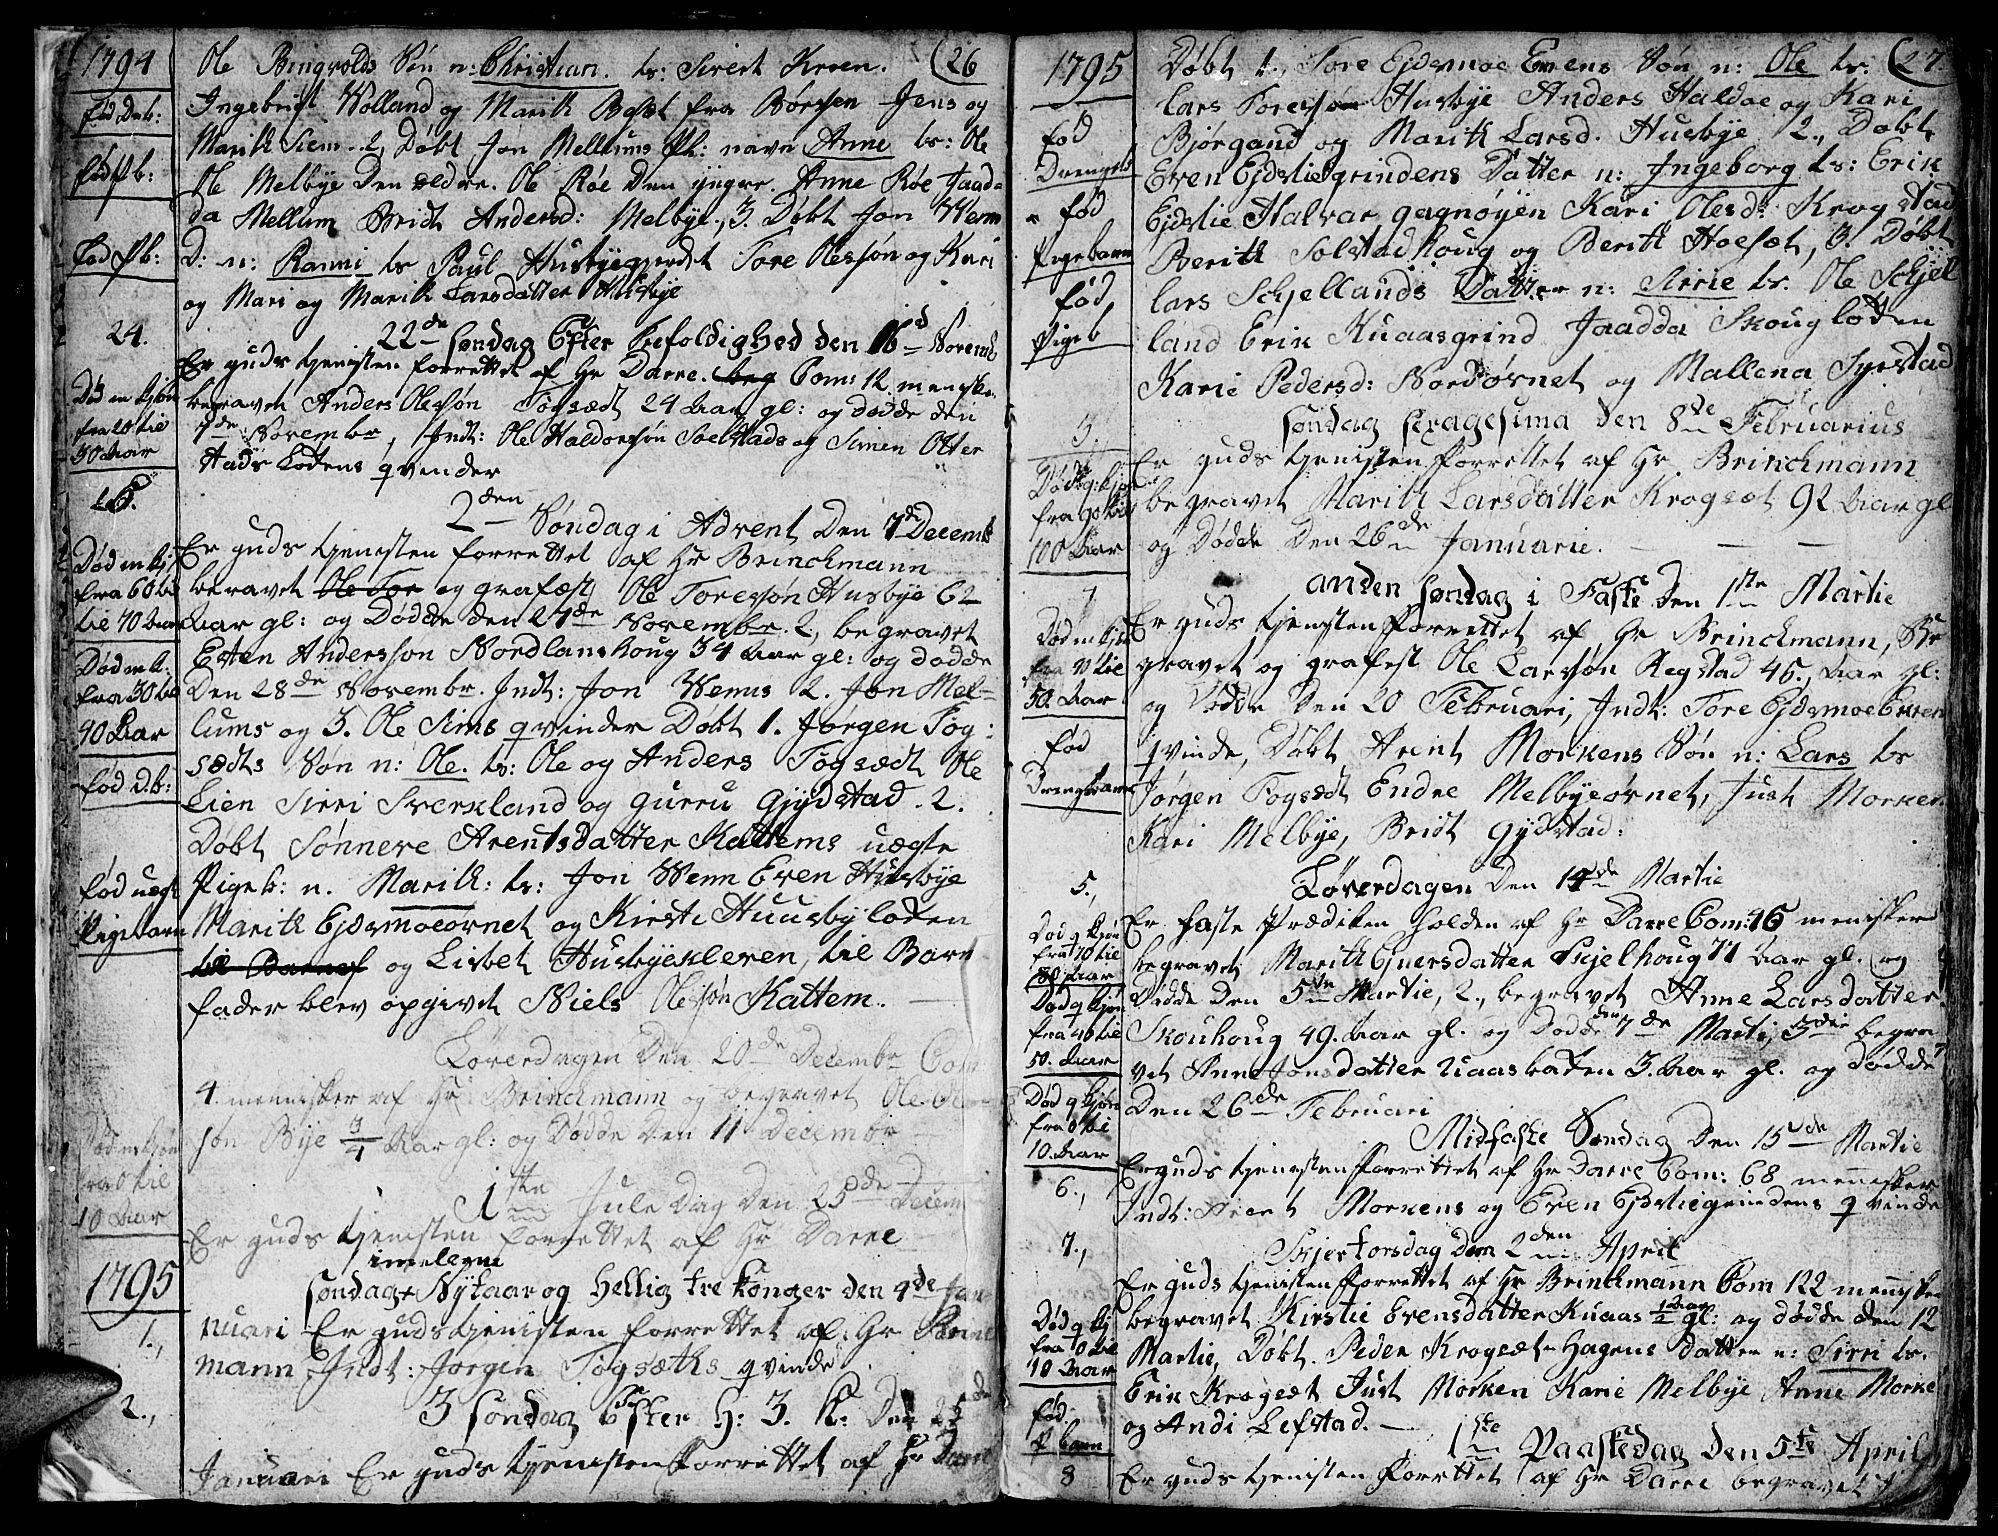 SAT, Ministerialprotokoller, klokkerbøker og fødselsregistre - Sør-Trøndelag, 667/L0794: Ministerialbok nr. 667A02, 1791-1816, s. 26-27